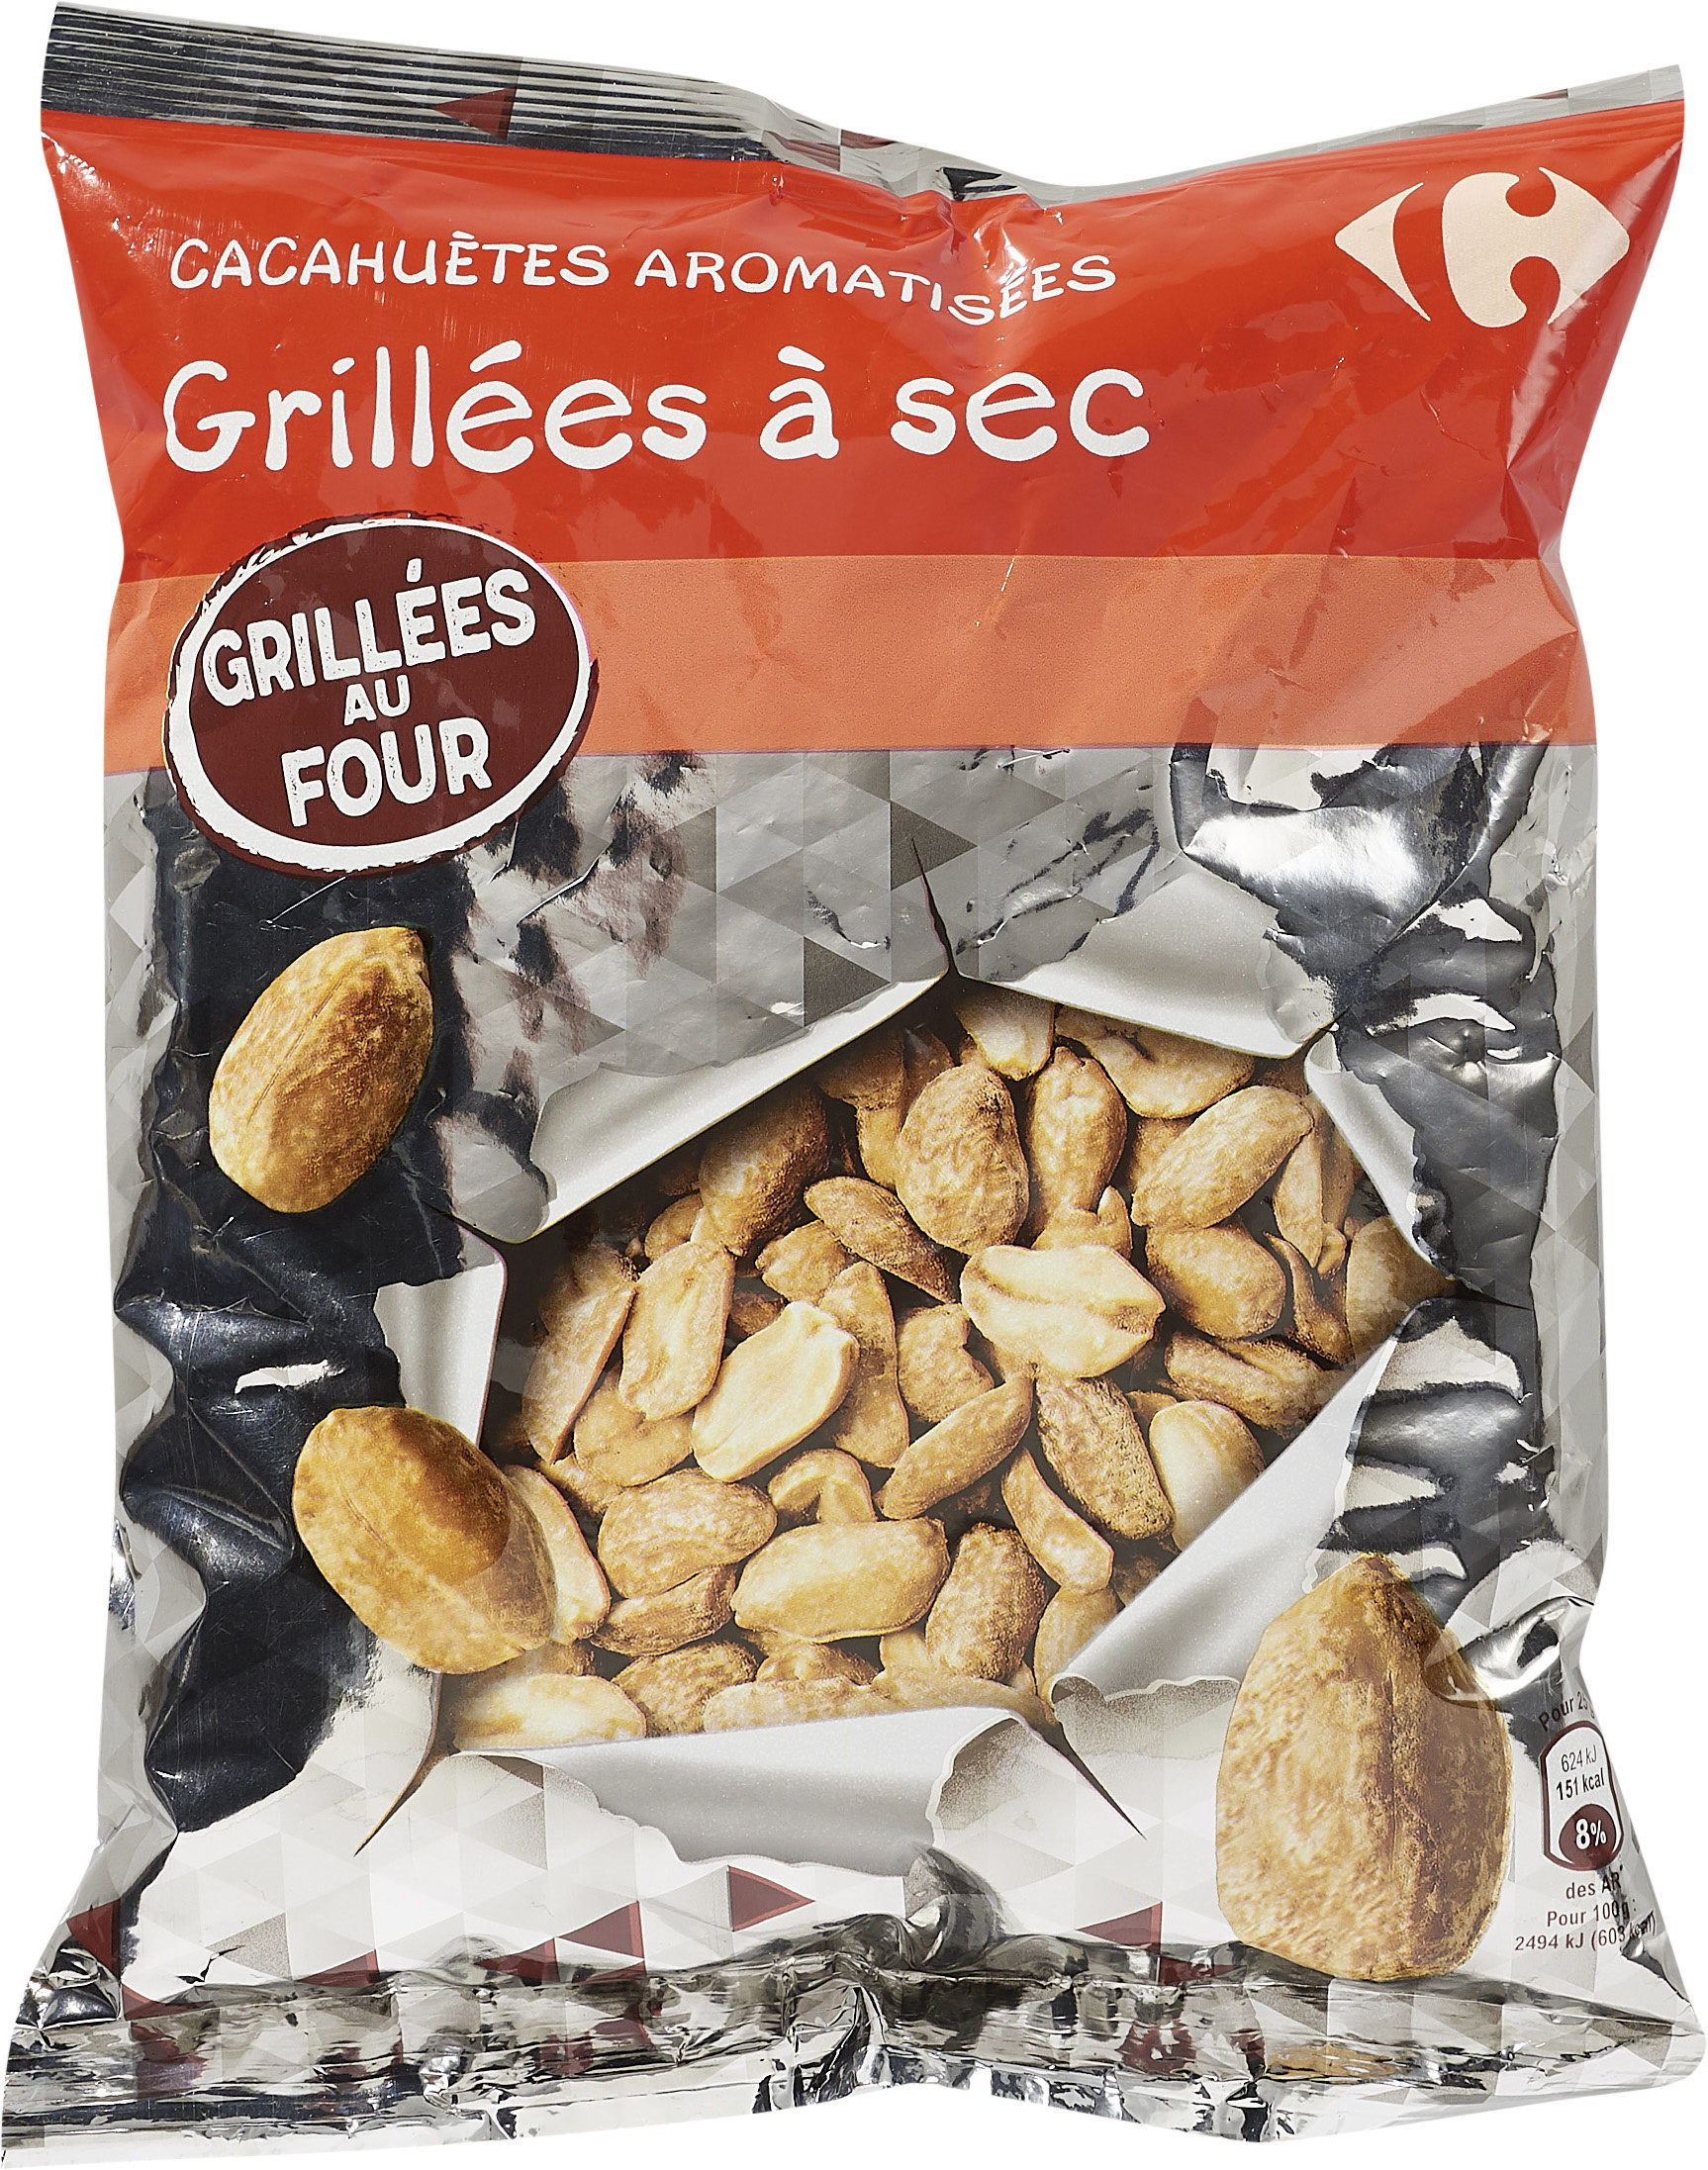 Cacahuètes aromatisées grillées à sec - Produit - fr